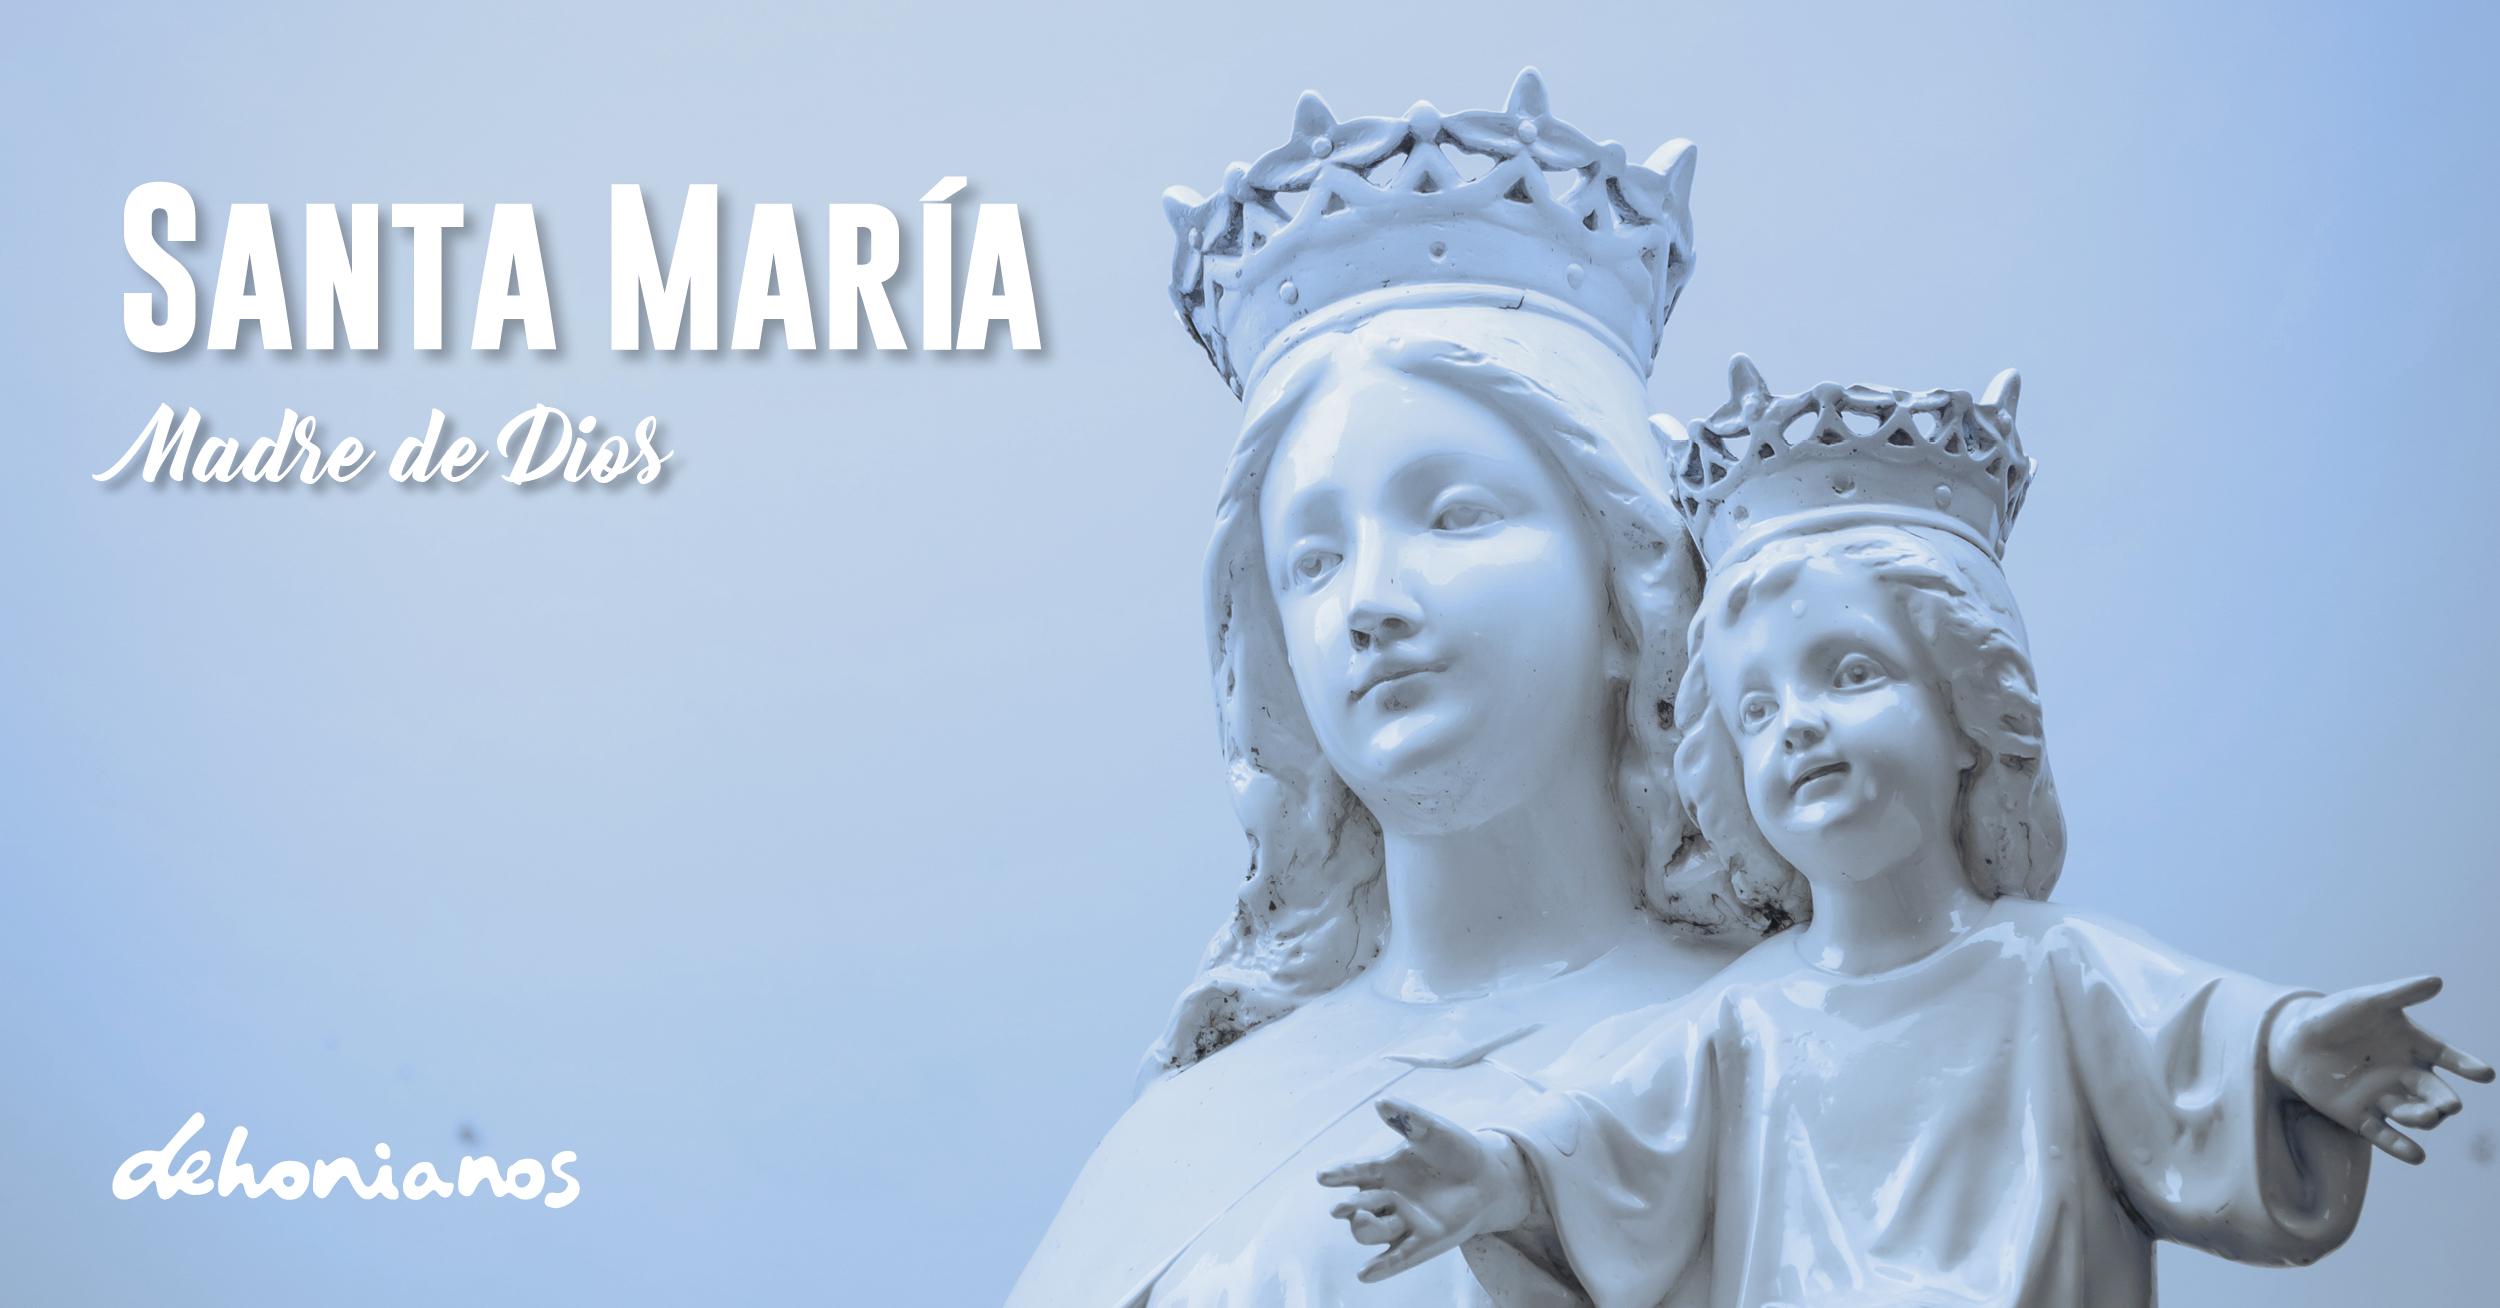 Santa María dehonianos